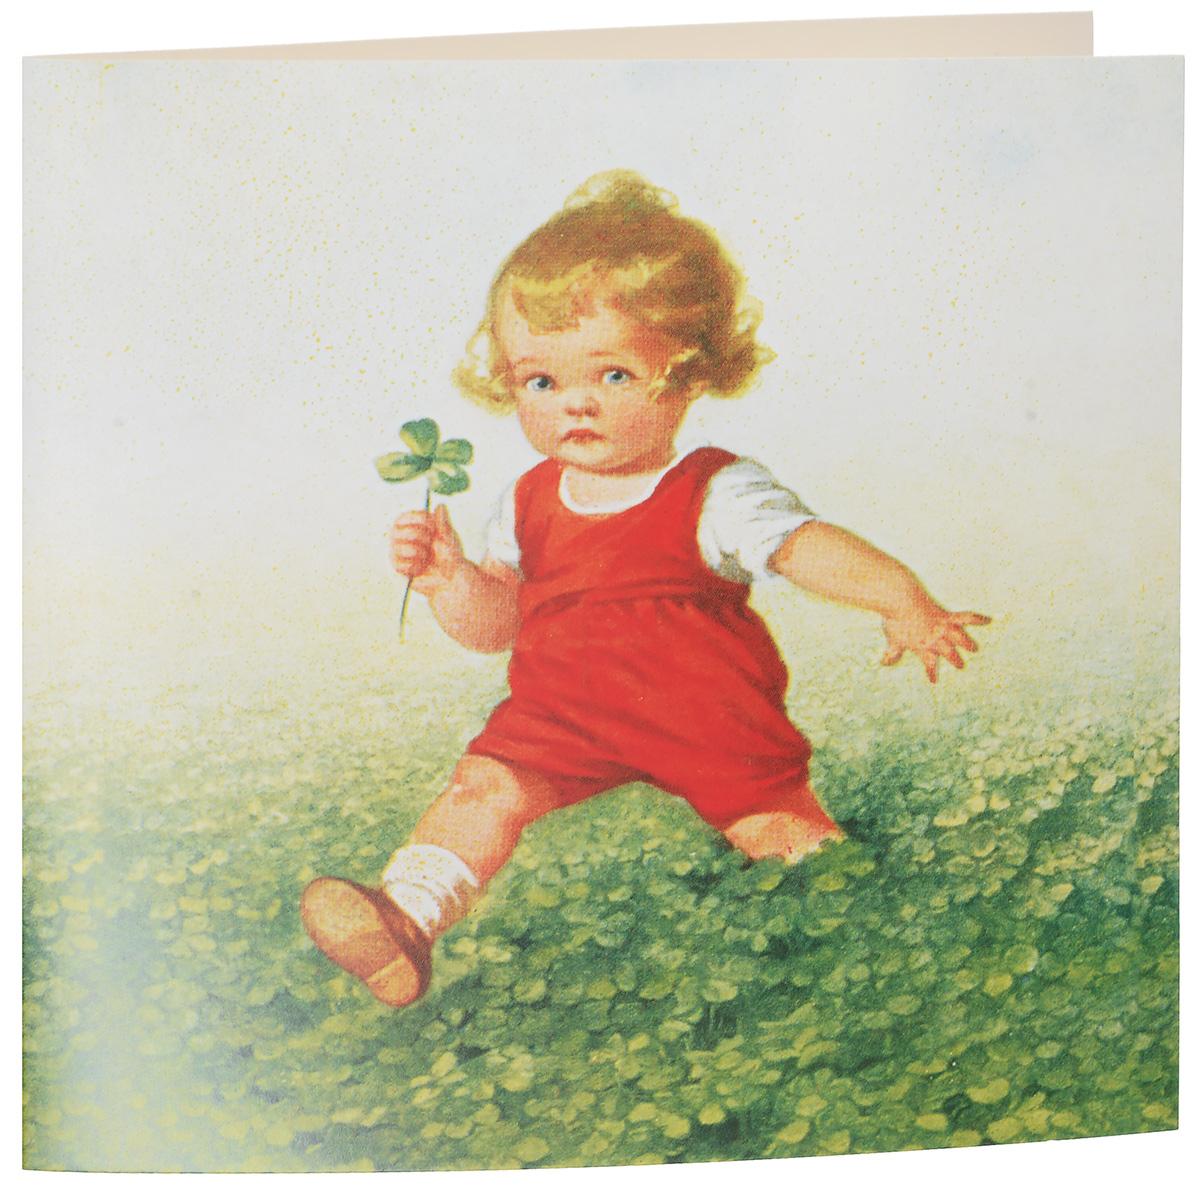 Открытка поздравительная Darinchi № 35, формат А5. Авторская работаА5_35Замечательная поздравительная открытка.